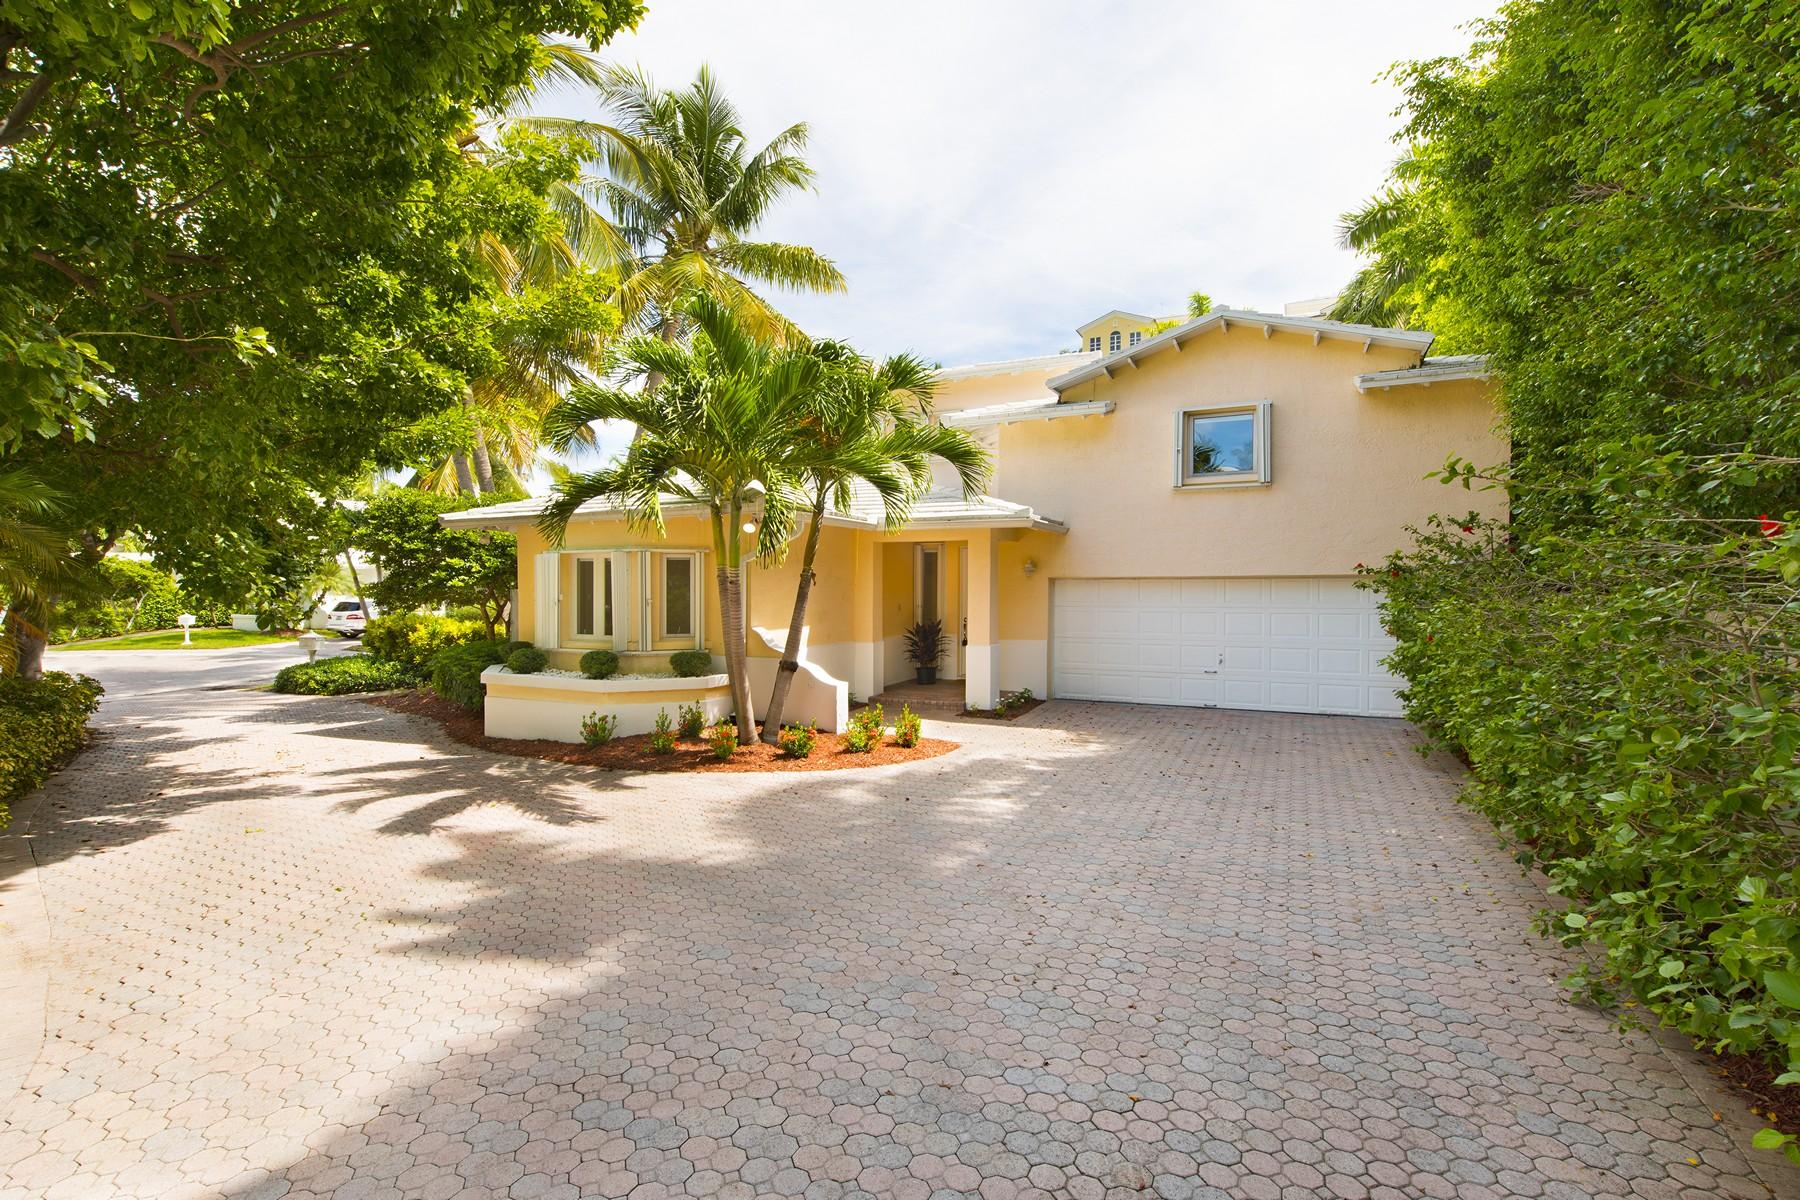 Casa para uma família para Venda às 10 Coconut Lane Key Biscayne, Florida 33149 Estados Unidos